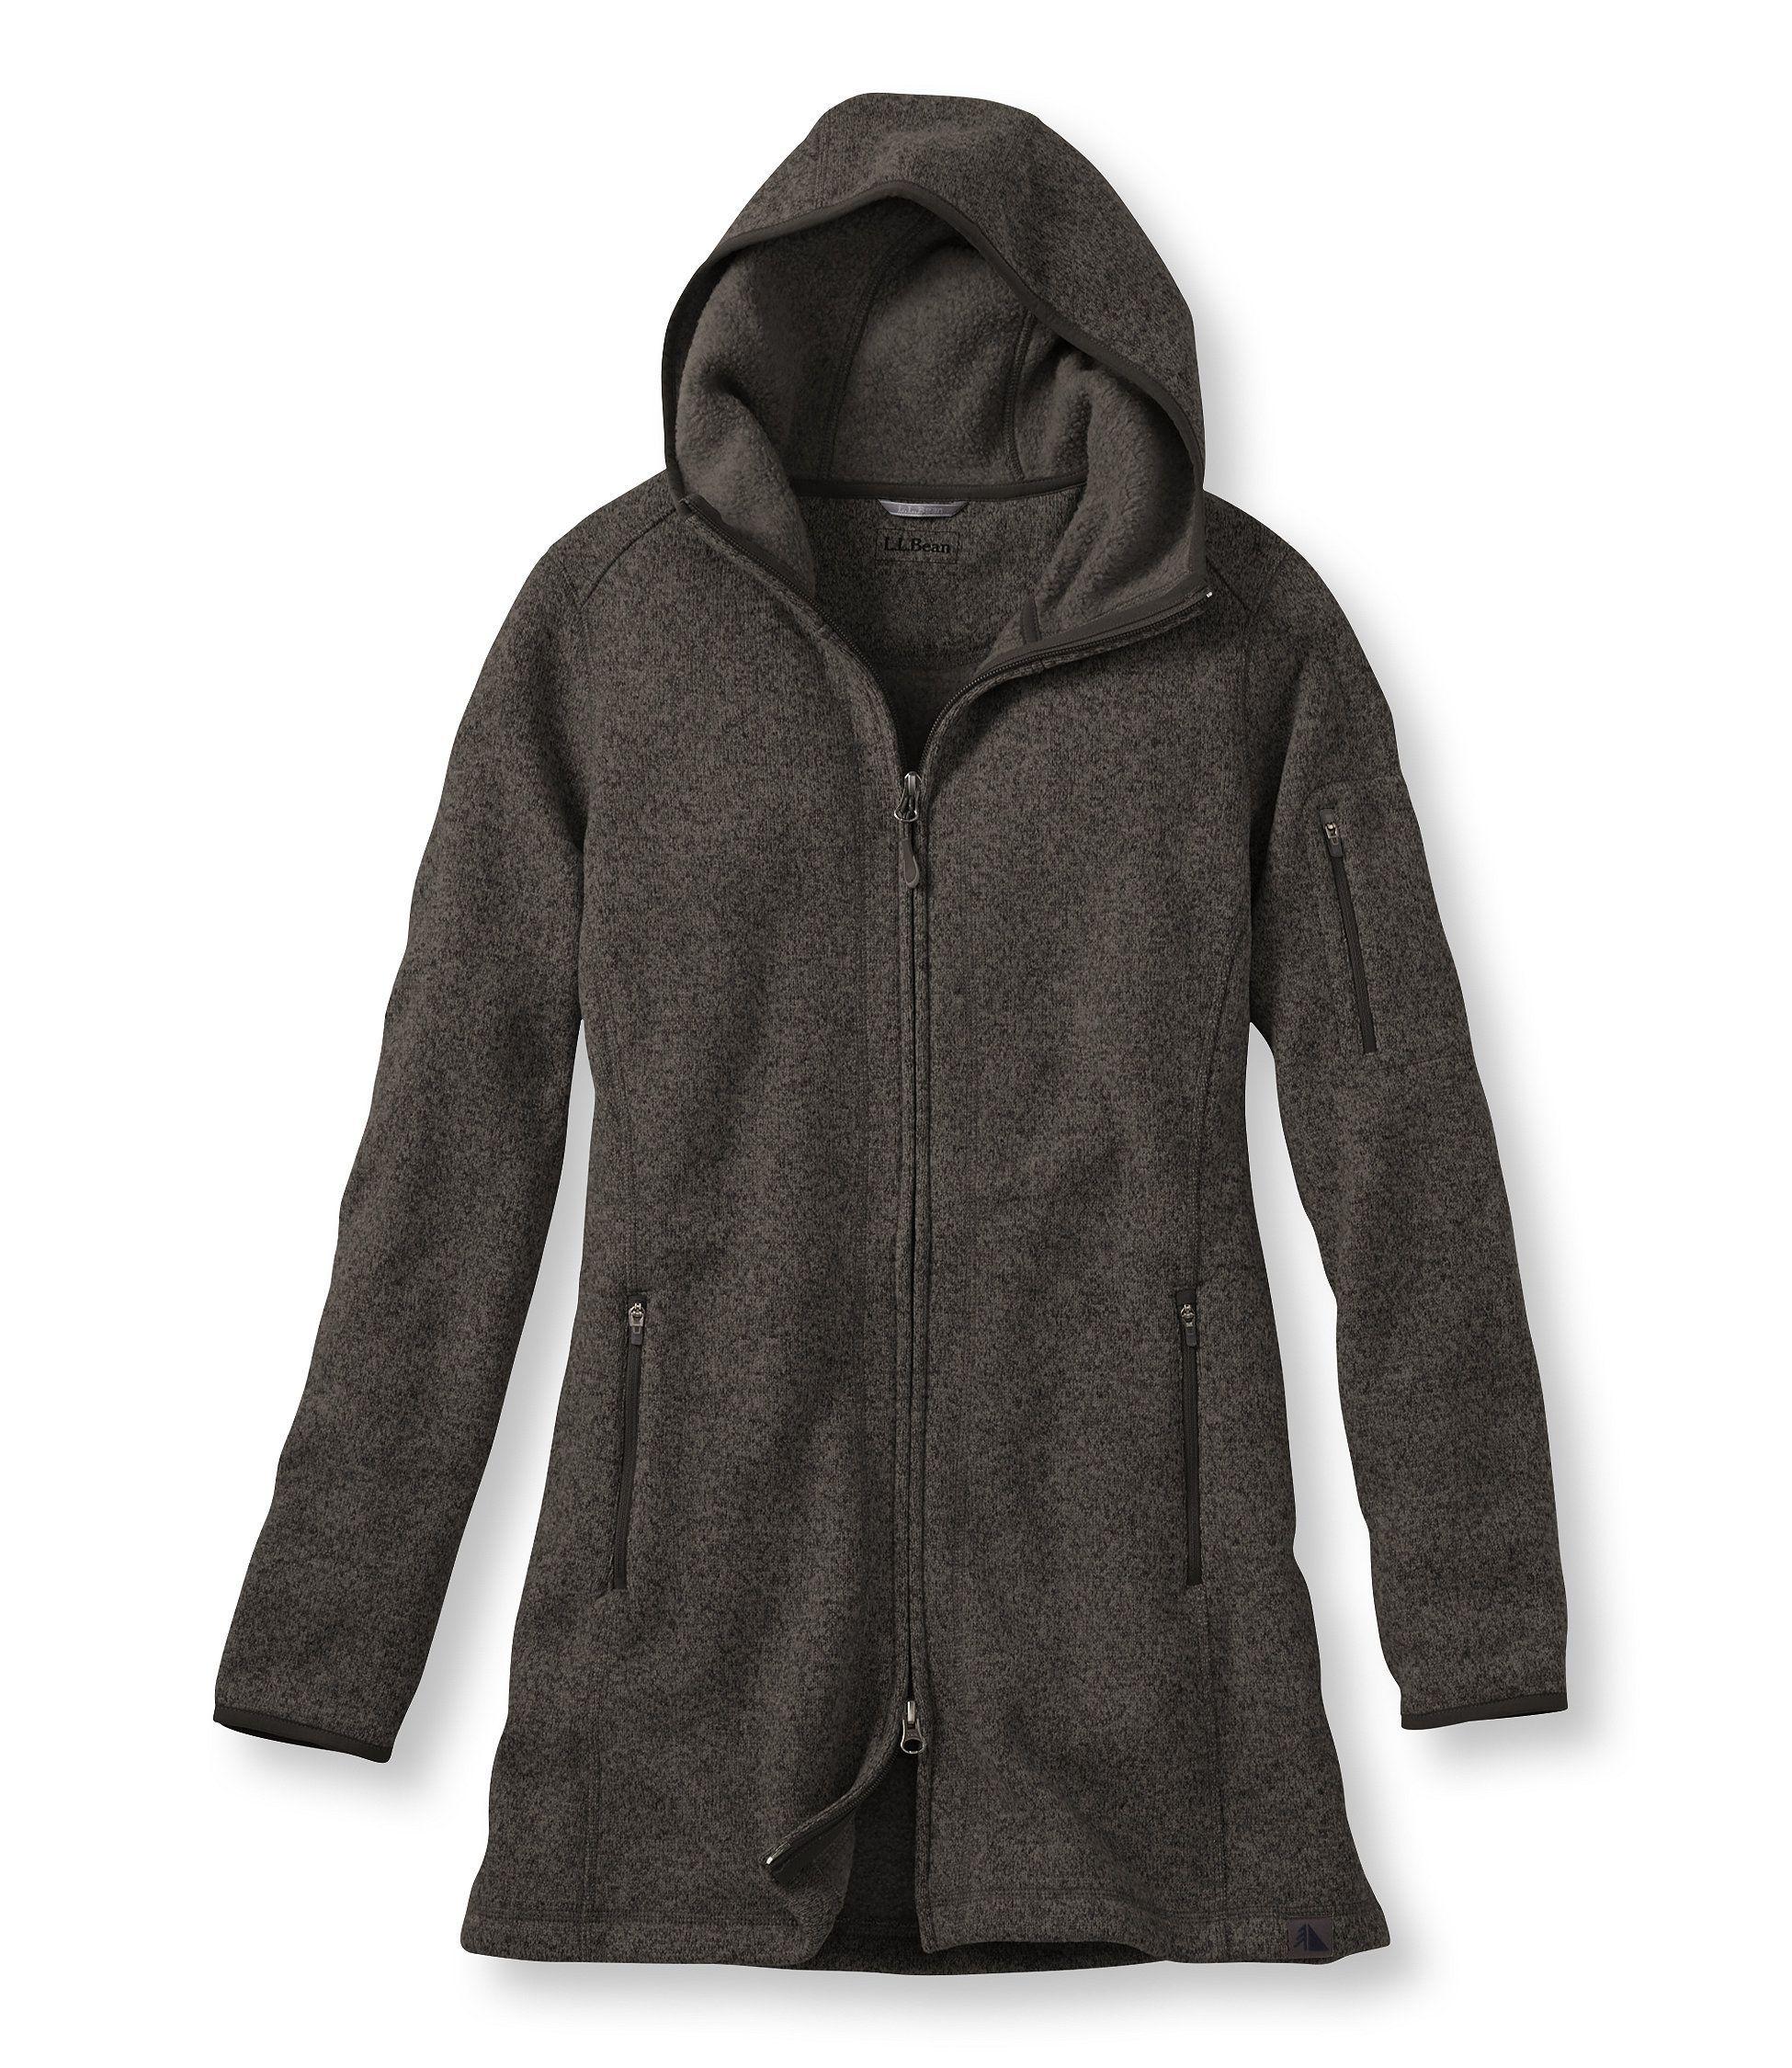 Sweater Fleece Coat Women Jumpers Coat Fashion